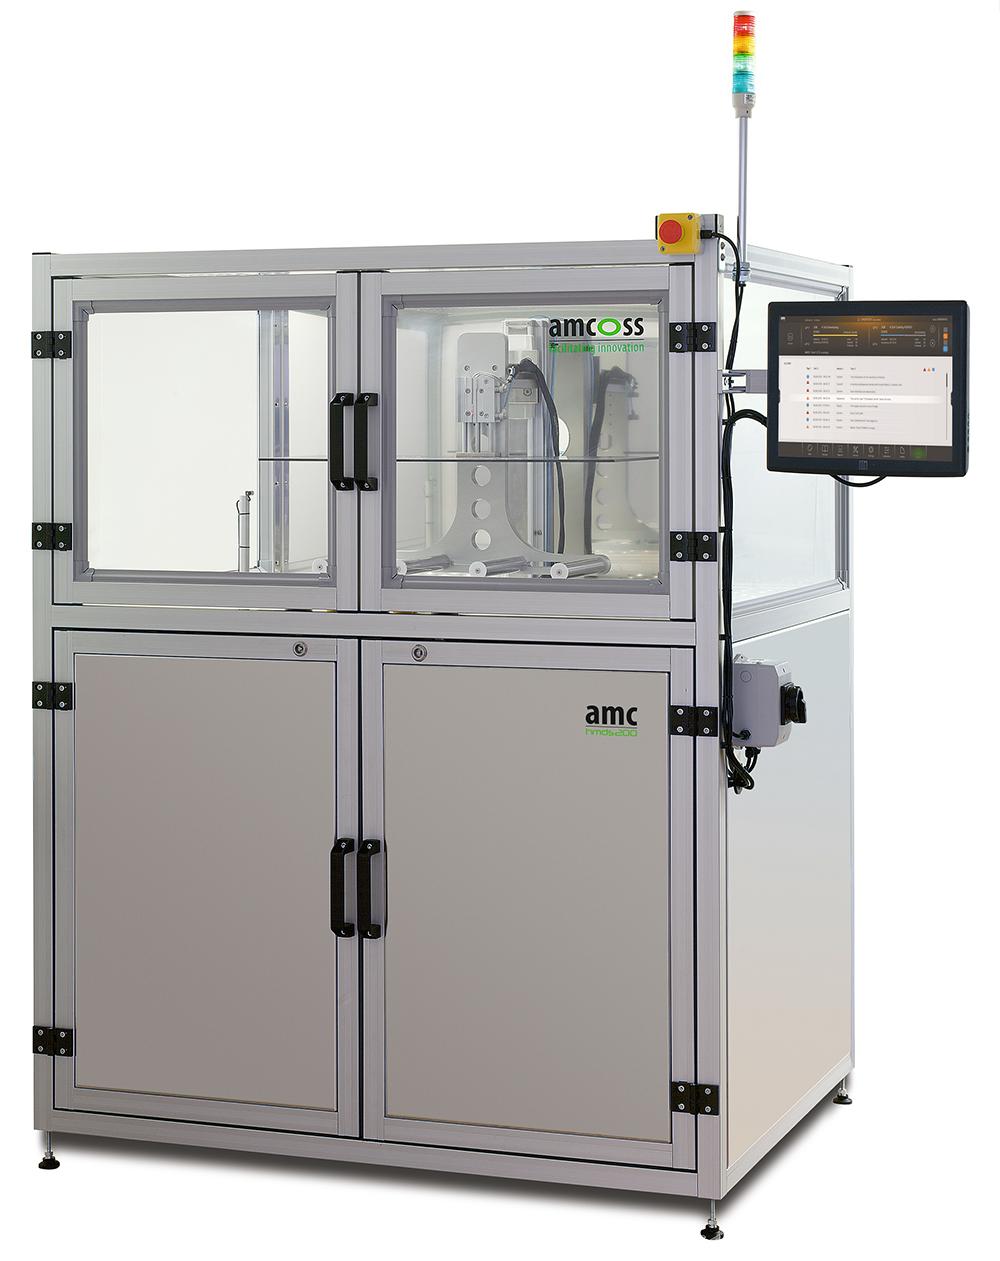 amcoss amv 200 HMDS Batch-Prozessanlage